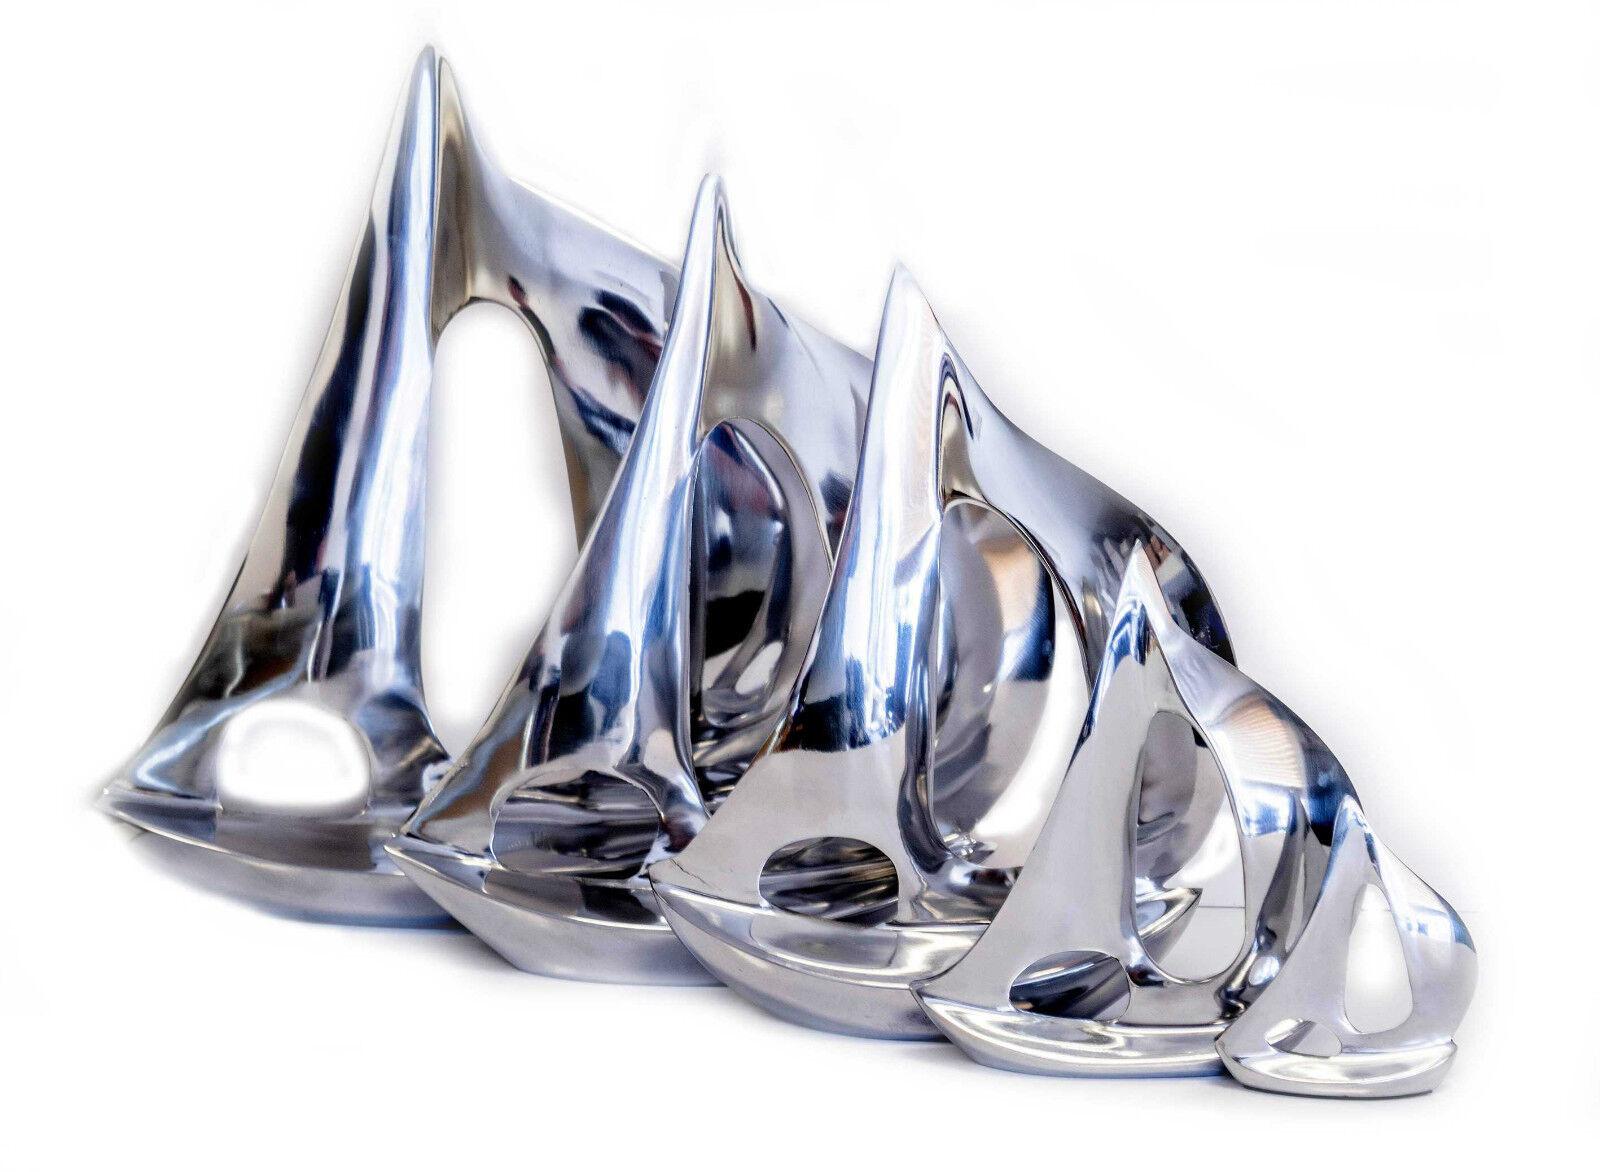 Personalised Aluminium Boat Yacht Sailing Award Trophy, Two Sizes, Engraved.